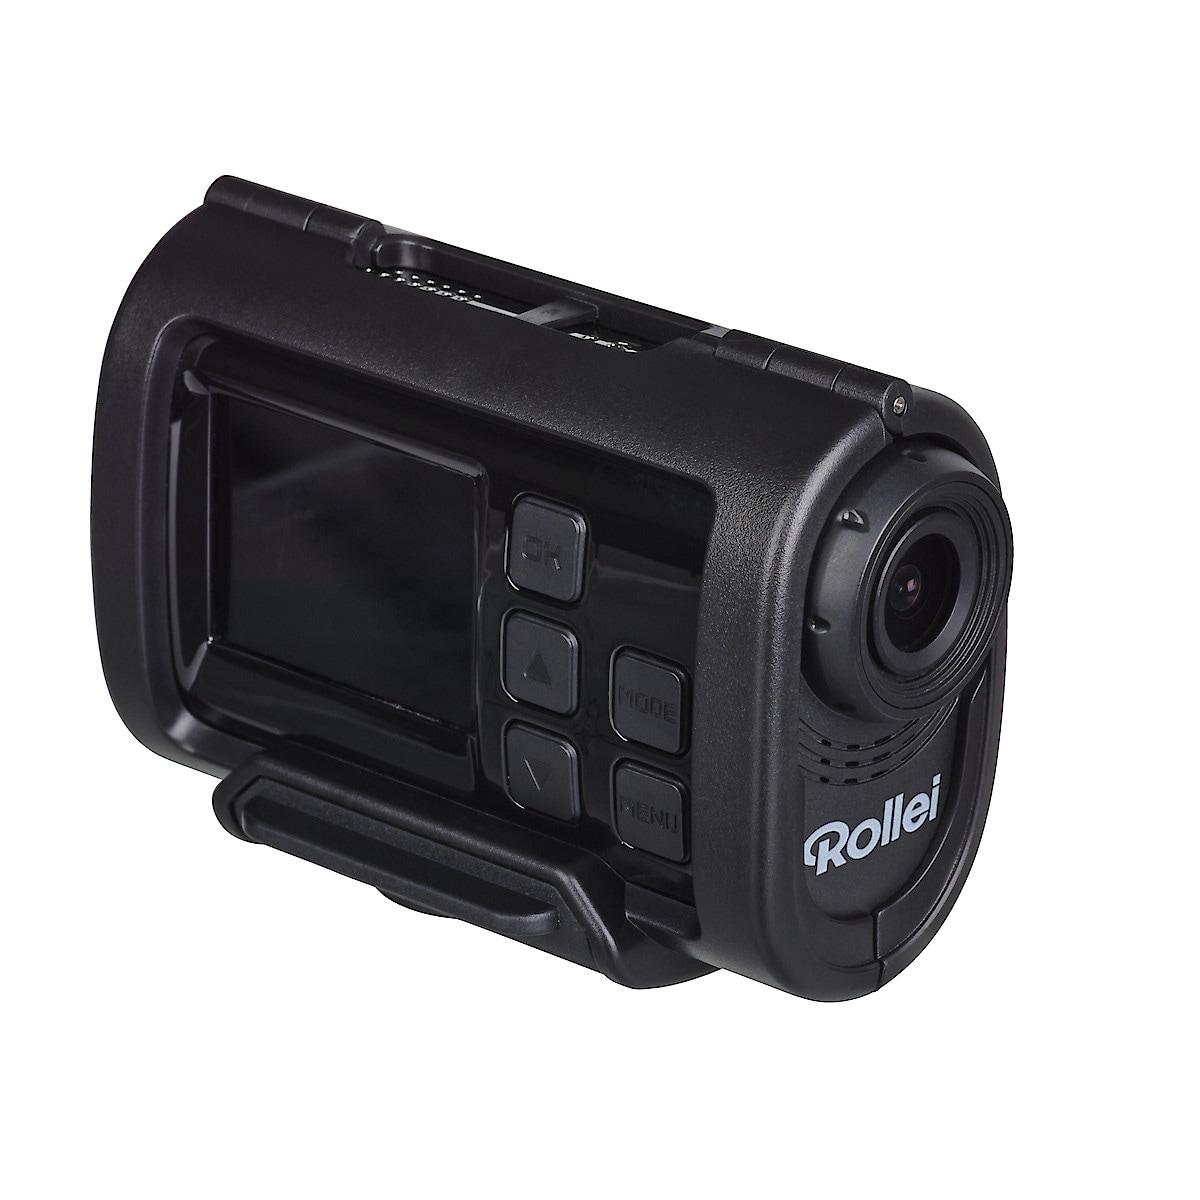 Actionkamera Rollei S30 WiFi